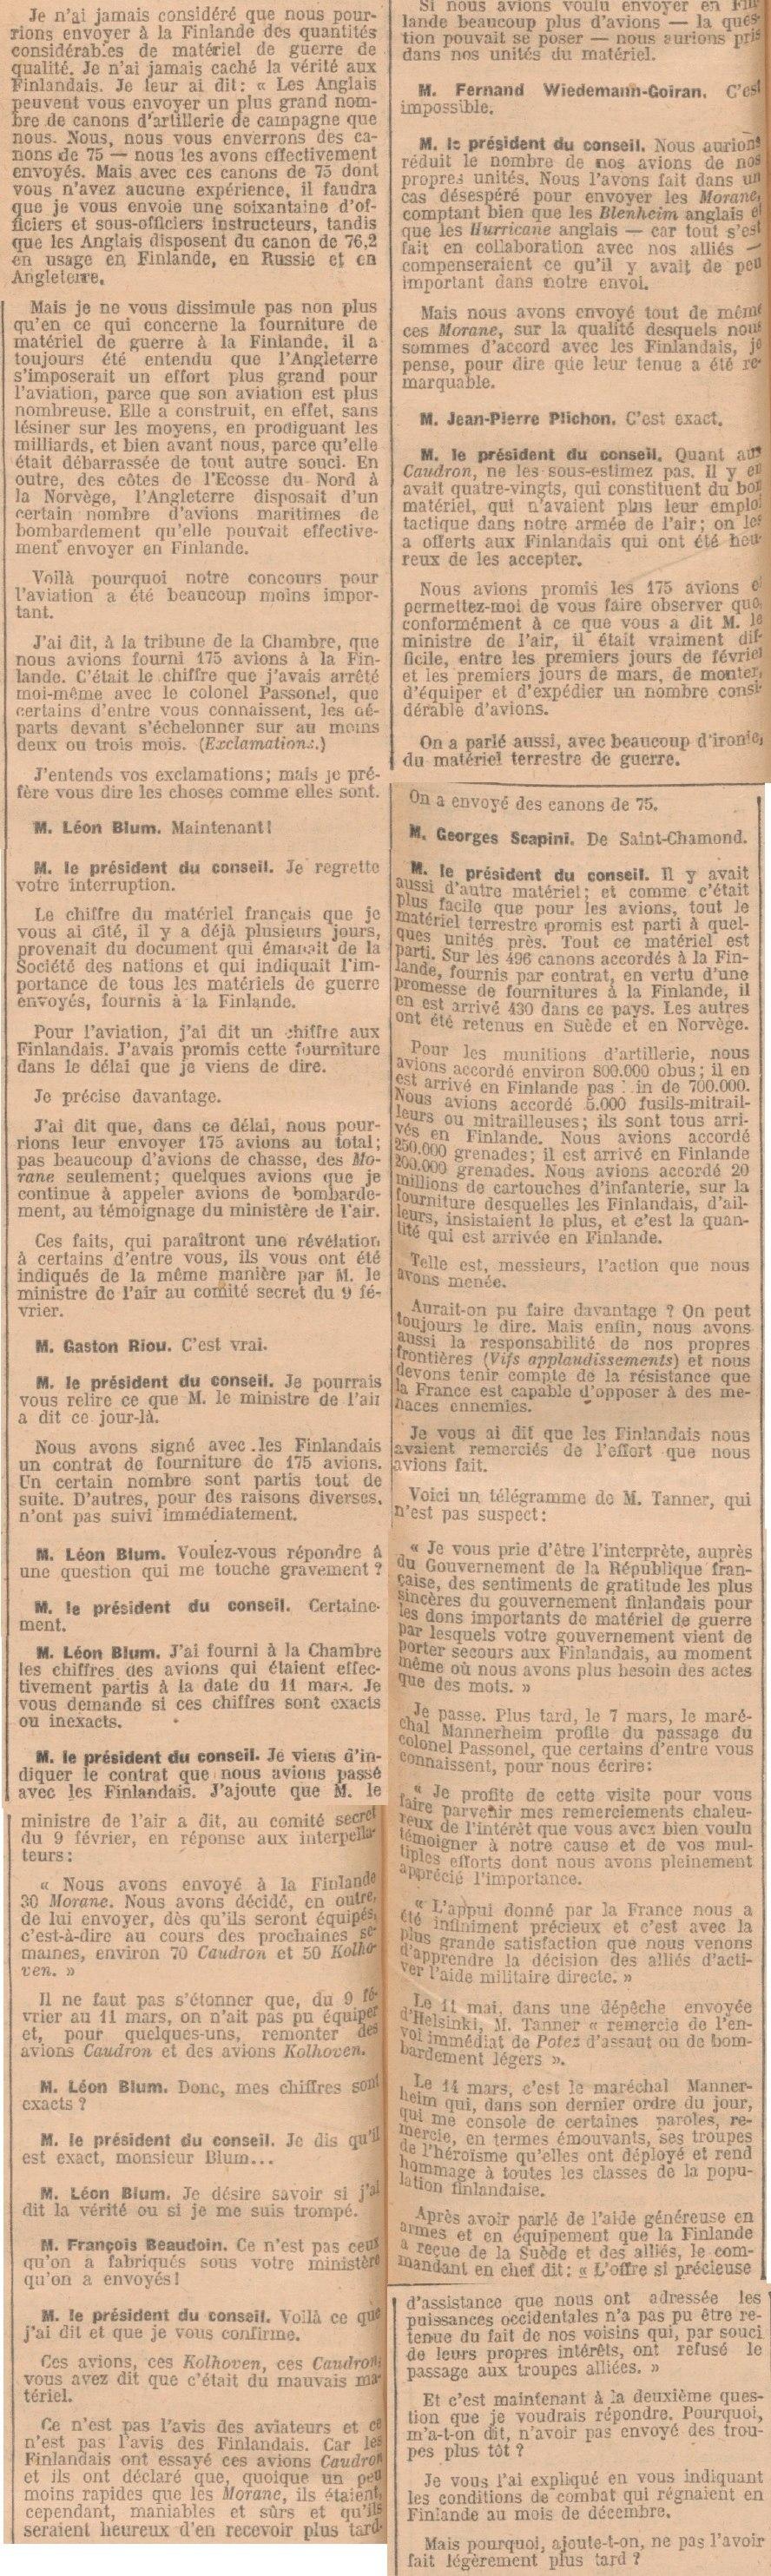 Insigne des Français en Finlande ? - Page 2 Comitz22